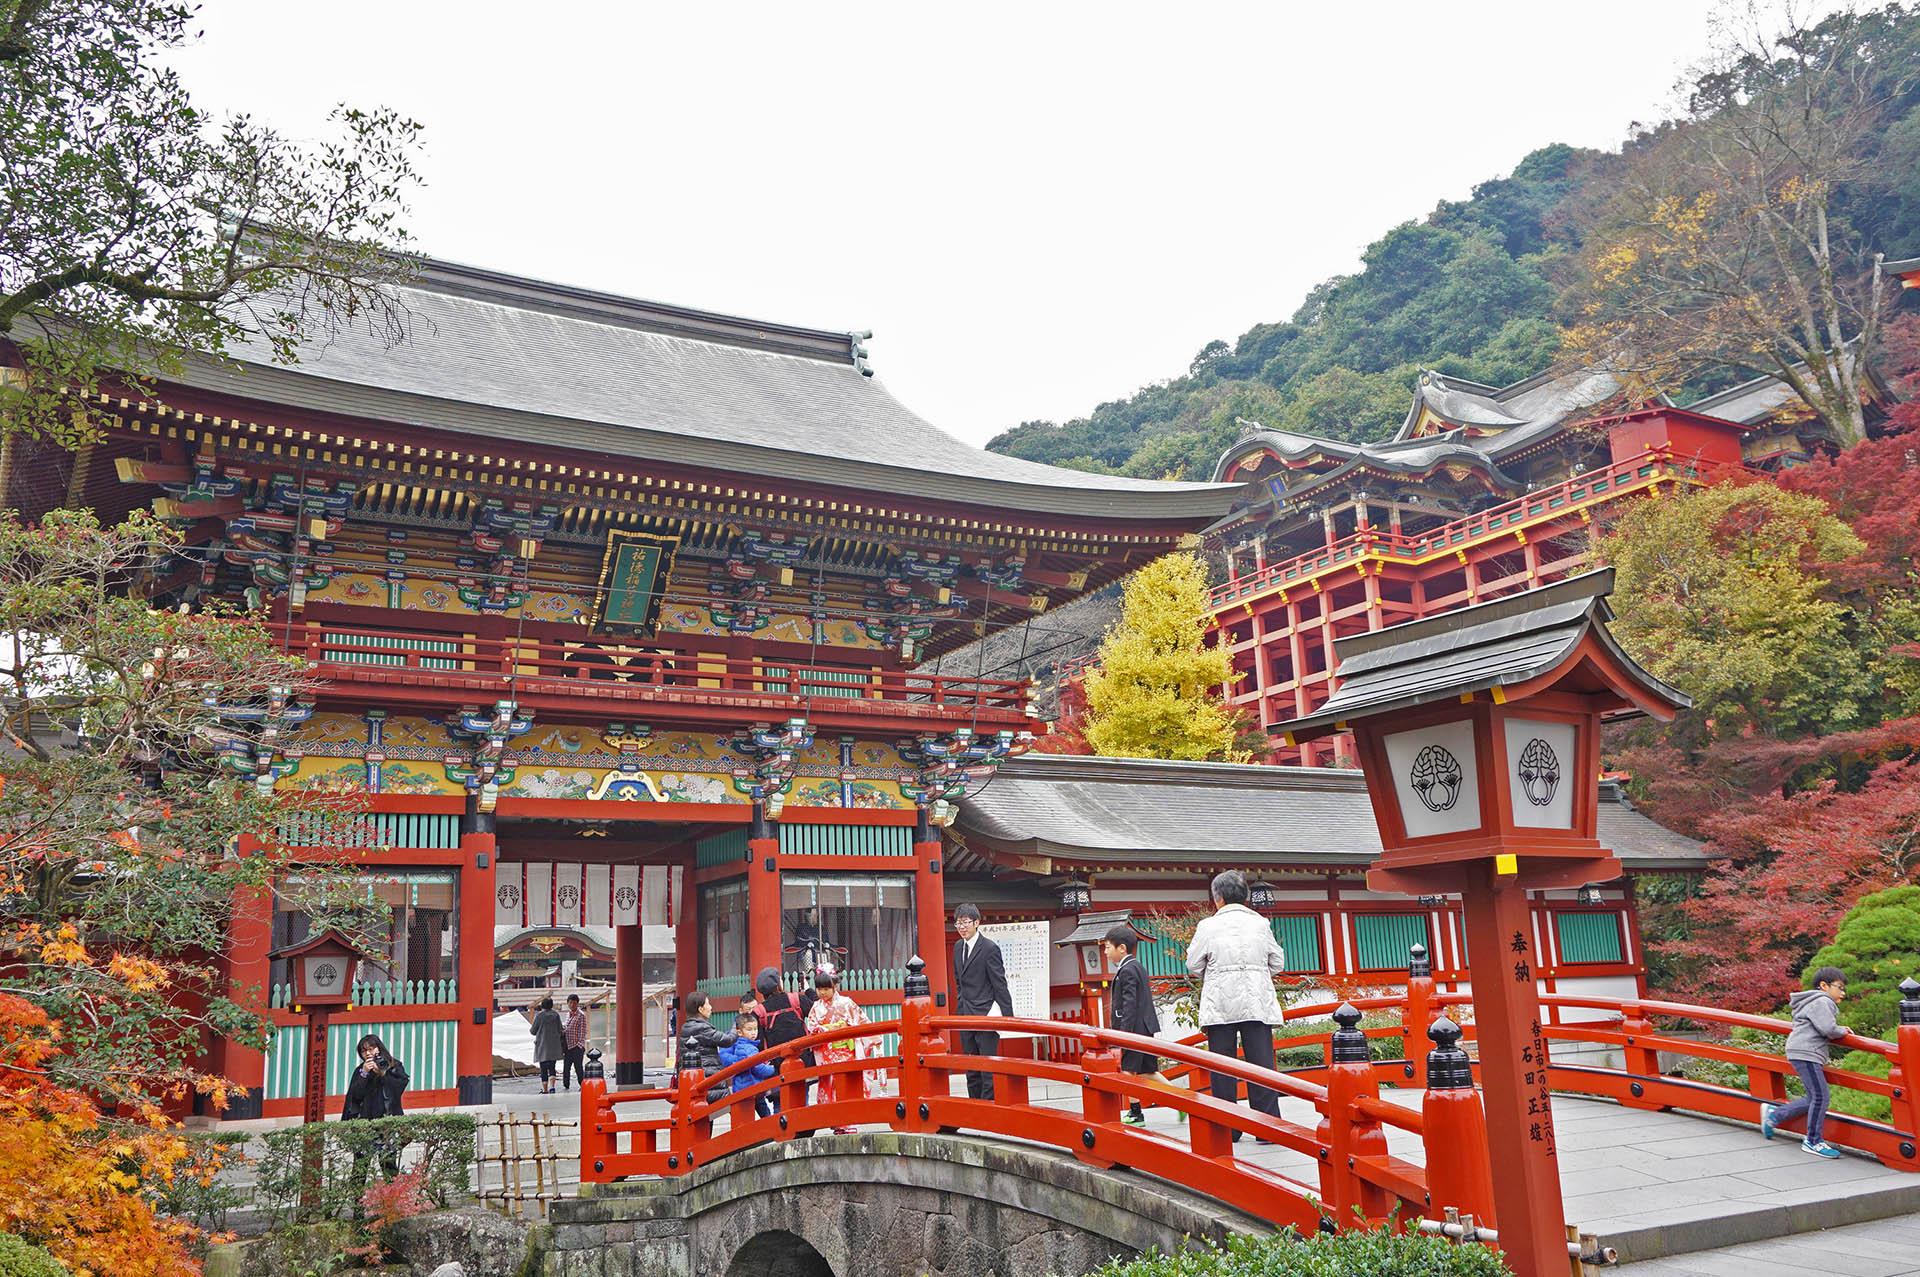 祐徳稲荷神社紅葉の撮影スポット